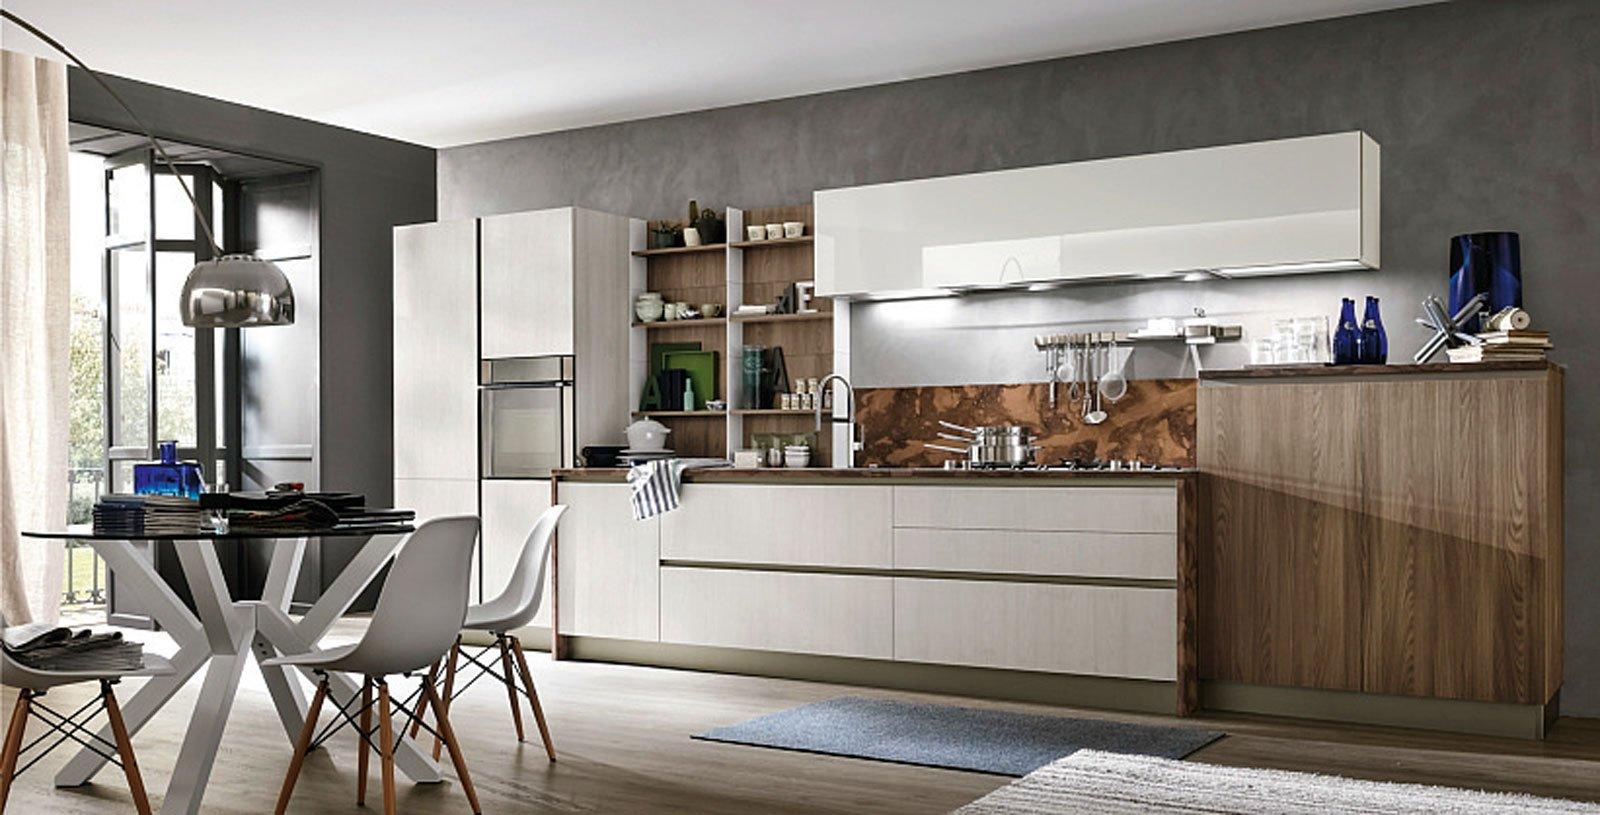 Diverse sono le idee che consentono di impiegare il cartongesso per lavori in cucina, trattandosi di un materiale di semplice lavorabilità e. Separare La Cucina 9 Soluzioni Da Copiare Cose Di Casa